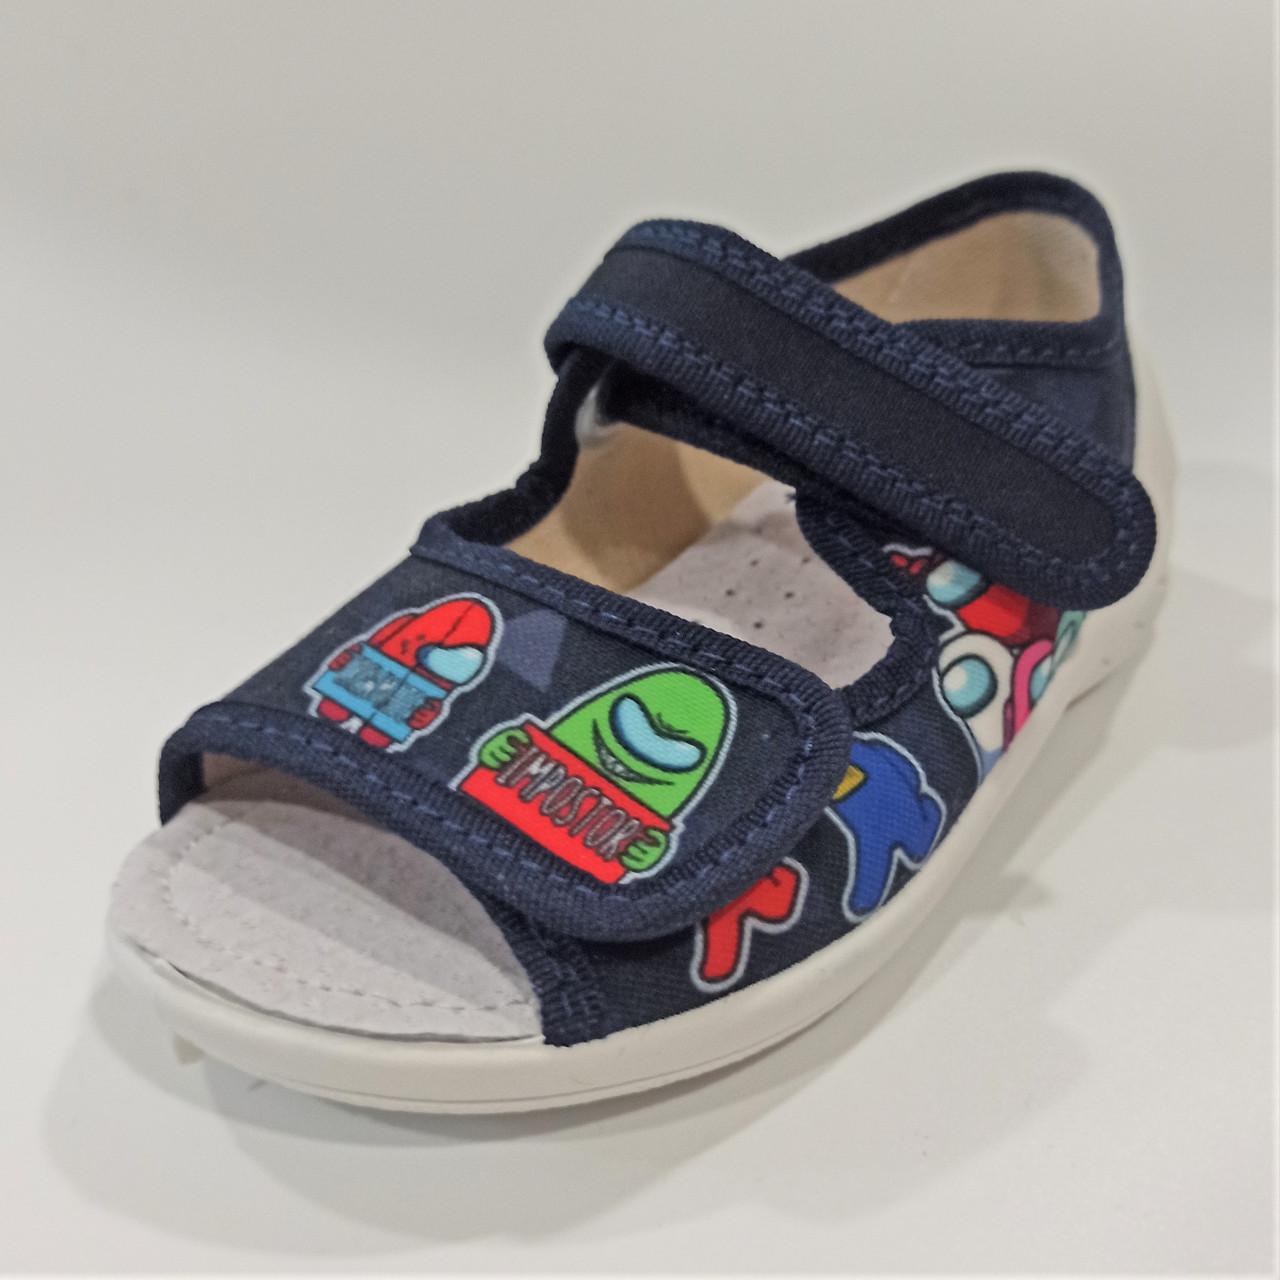 Детские тапочки с открытым носком, Waldi размеры: 23-30